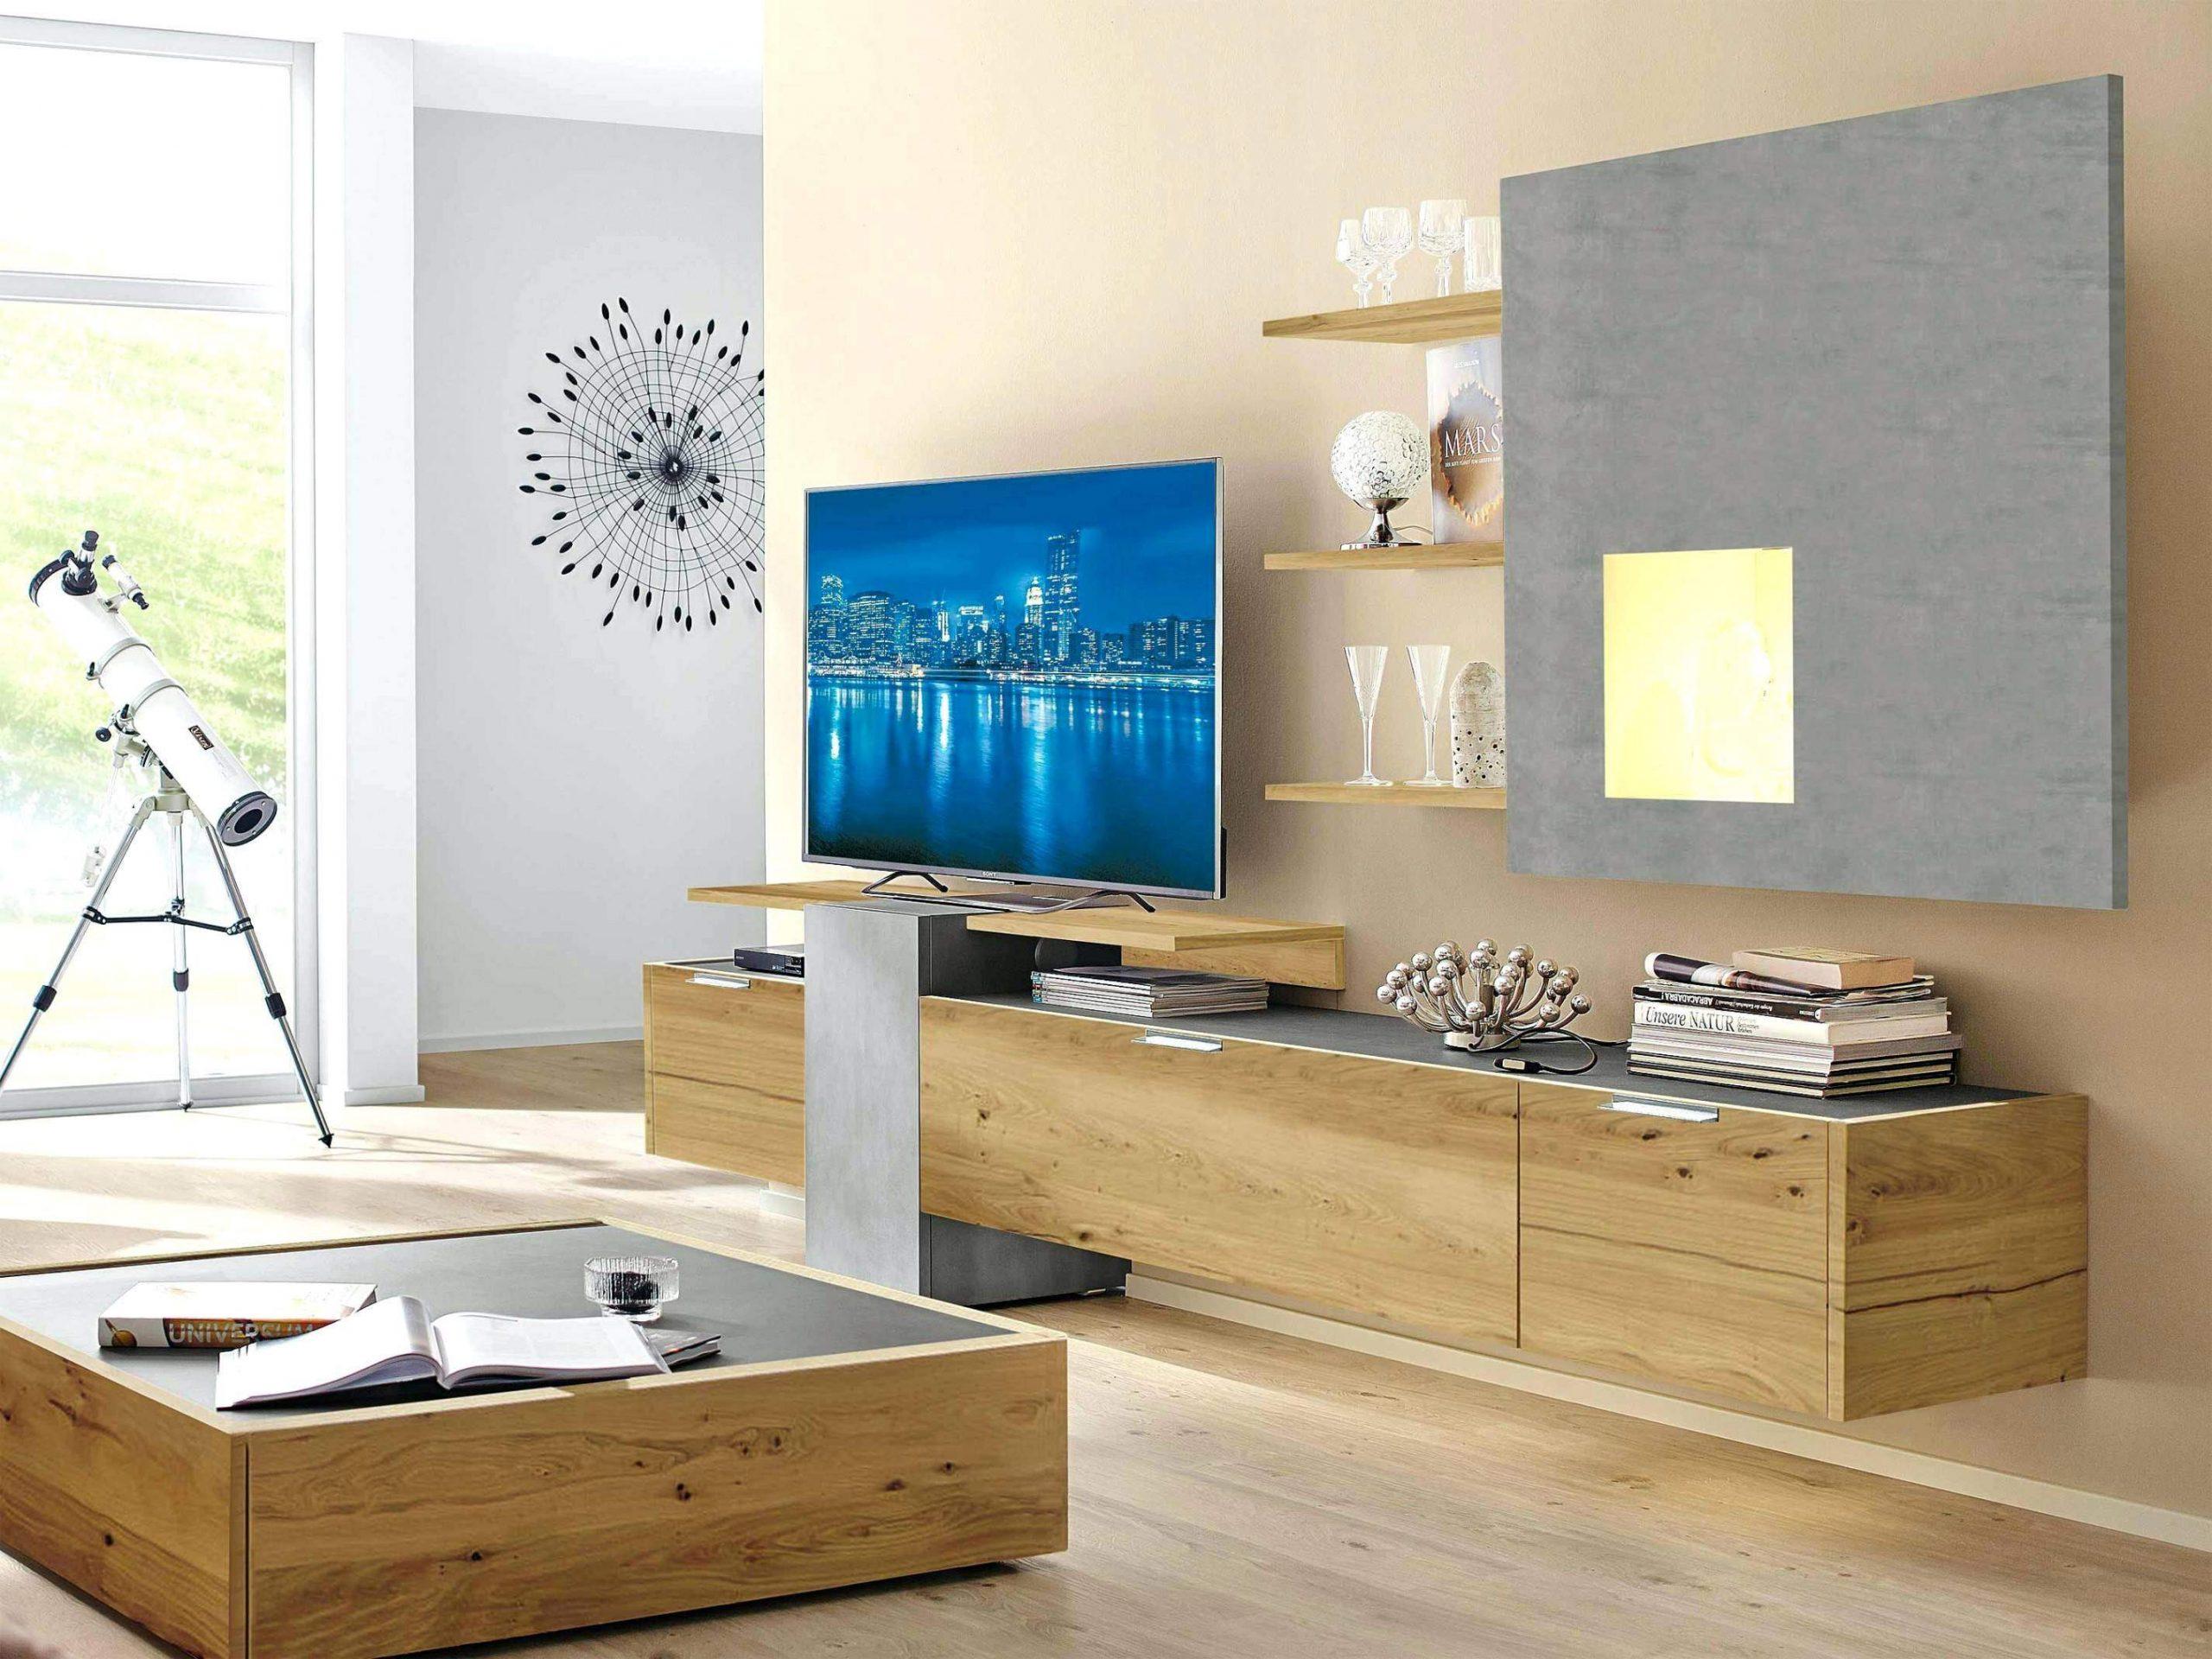 Full Size of Wohnzimmer Schrankwand Neu Wohnzimmer Schrankwand Design Einzigartig Wohnzimmer Wohnzimmer Schrankwand